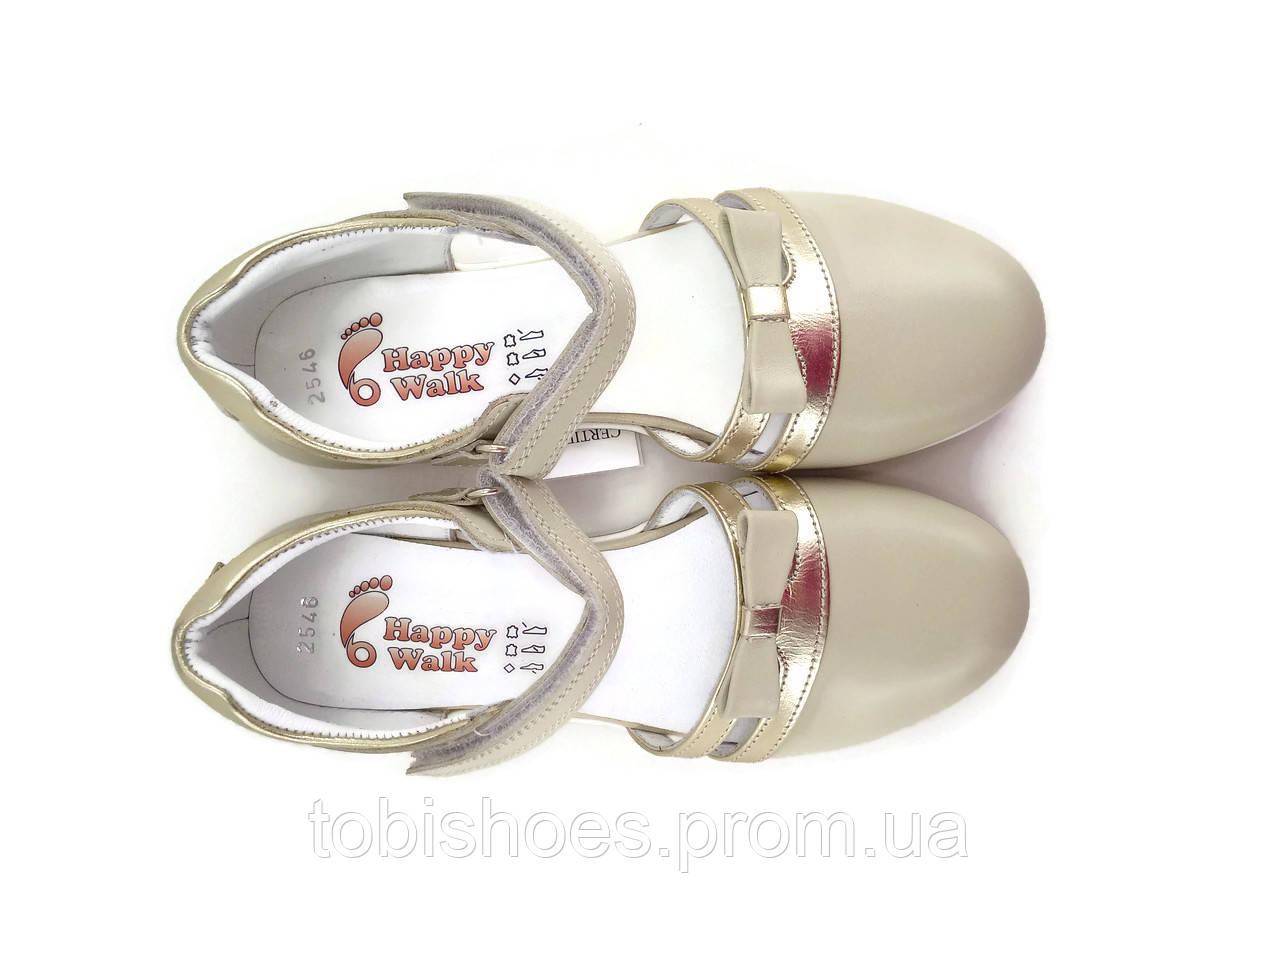 25eb7a14b Детские туфельки открытые золотистые на каблучке и липучке - Интернет- магазин детской обуви